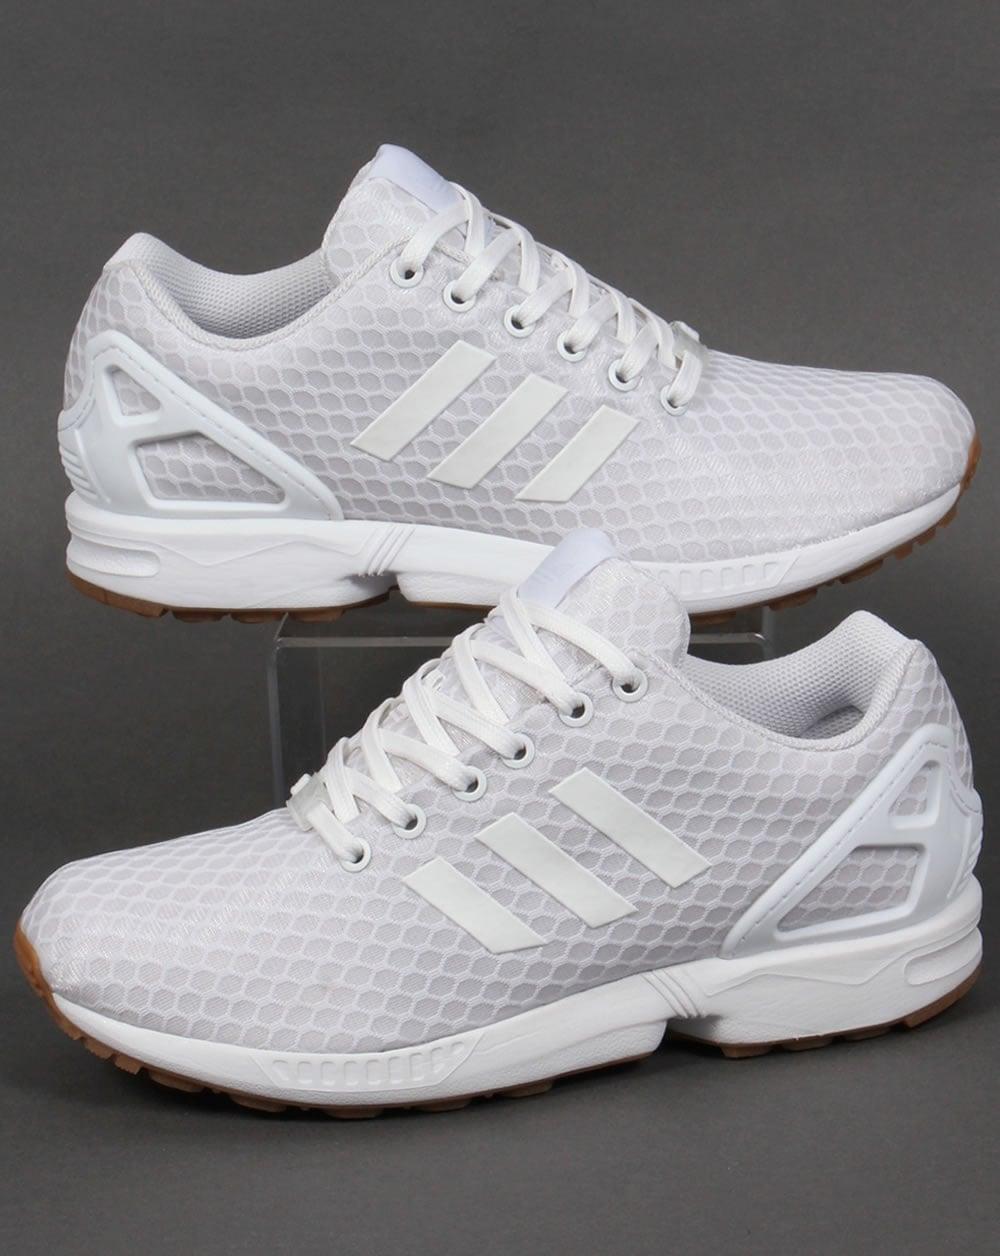 Originales Adidas Zx Flujo Blanco lYnznyBOg